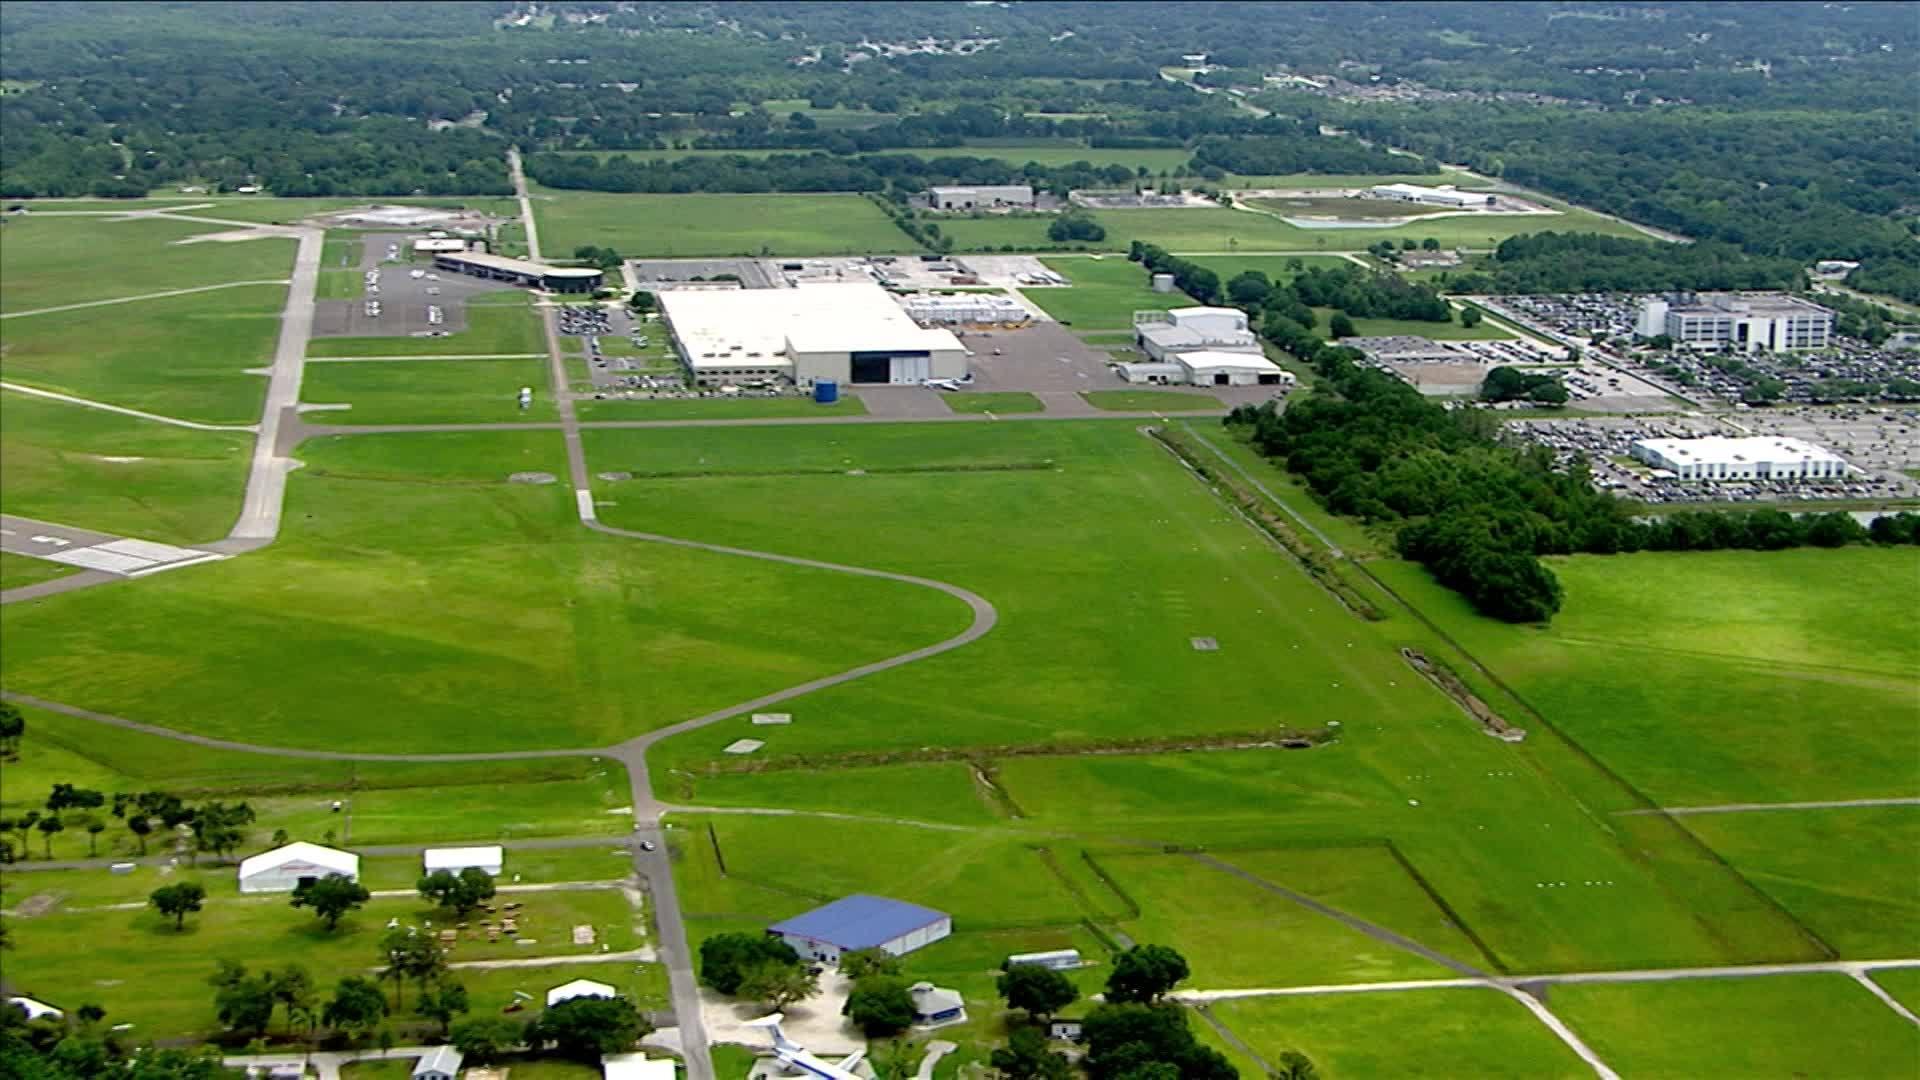 NOAA Flight Ops Center